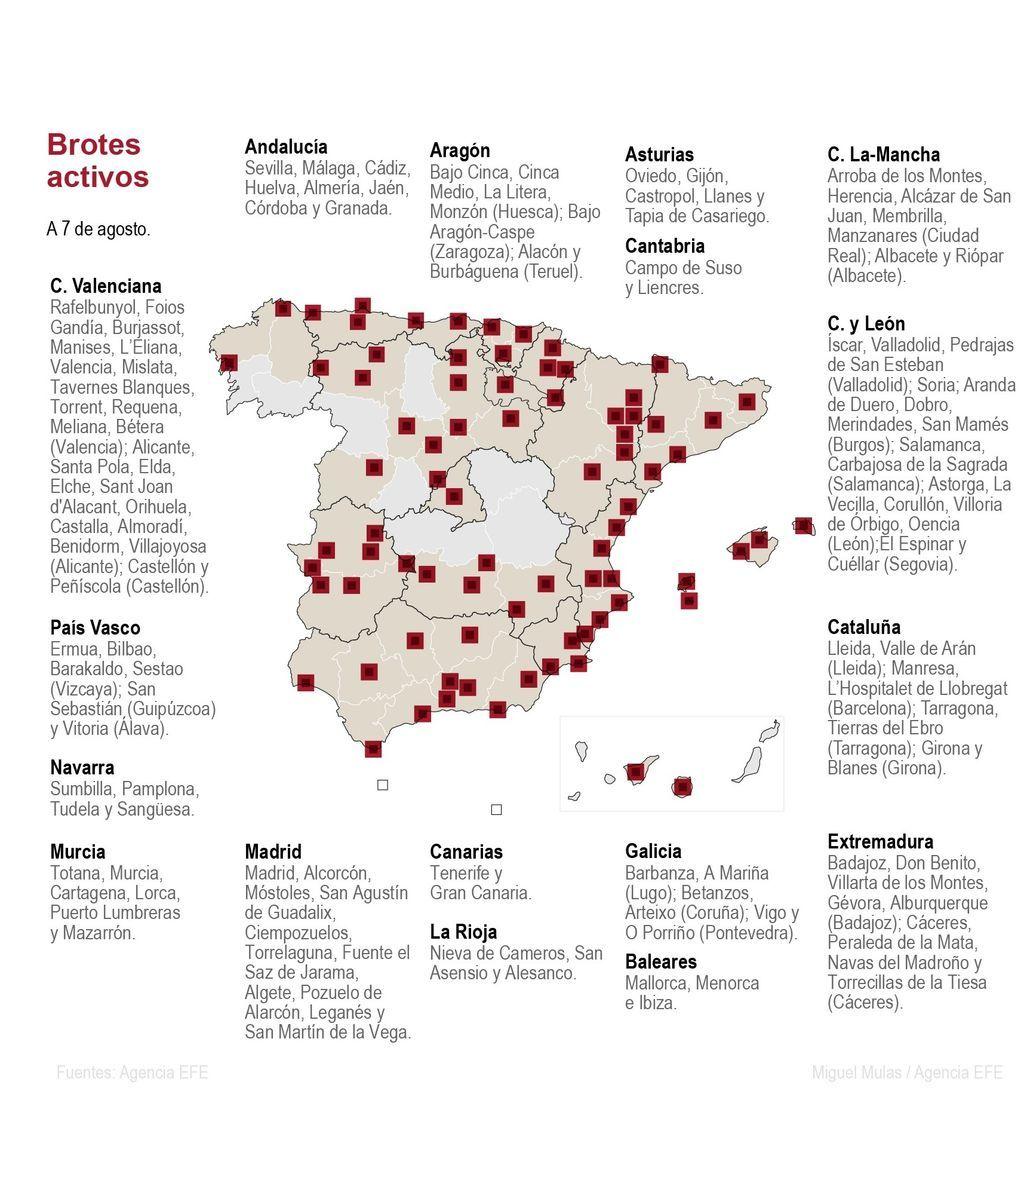 El mapa de España con los rebrotes